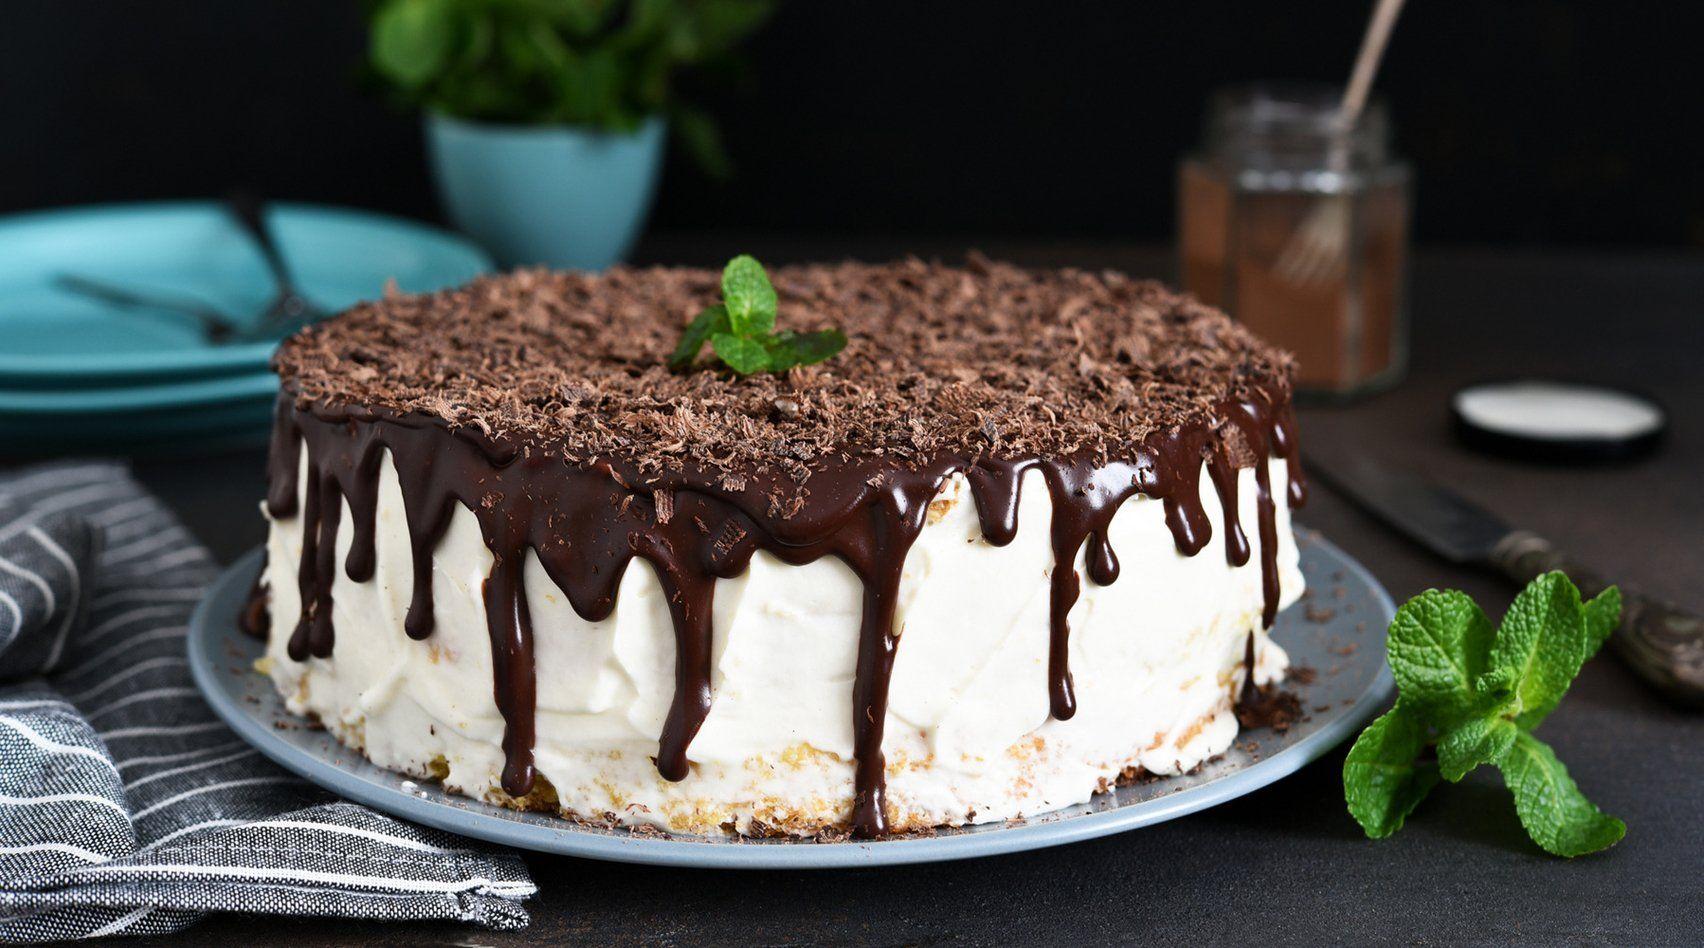 Zuckerfreies Rezept Low Carb Buttercreme Pudding Kuchen In 2020 Kuchen Und Torten Rezepte Zuckerfreie Rezepte Kuchen Ohne Backen